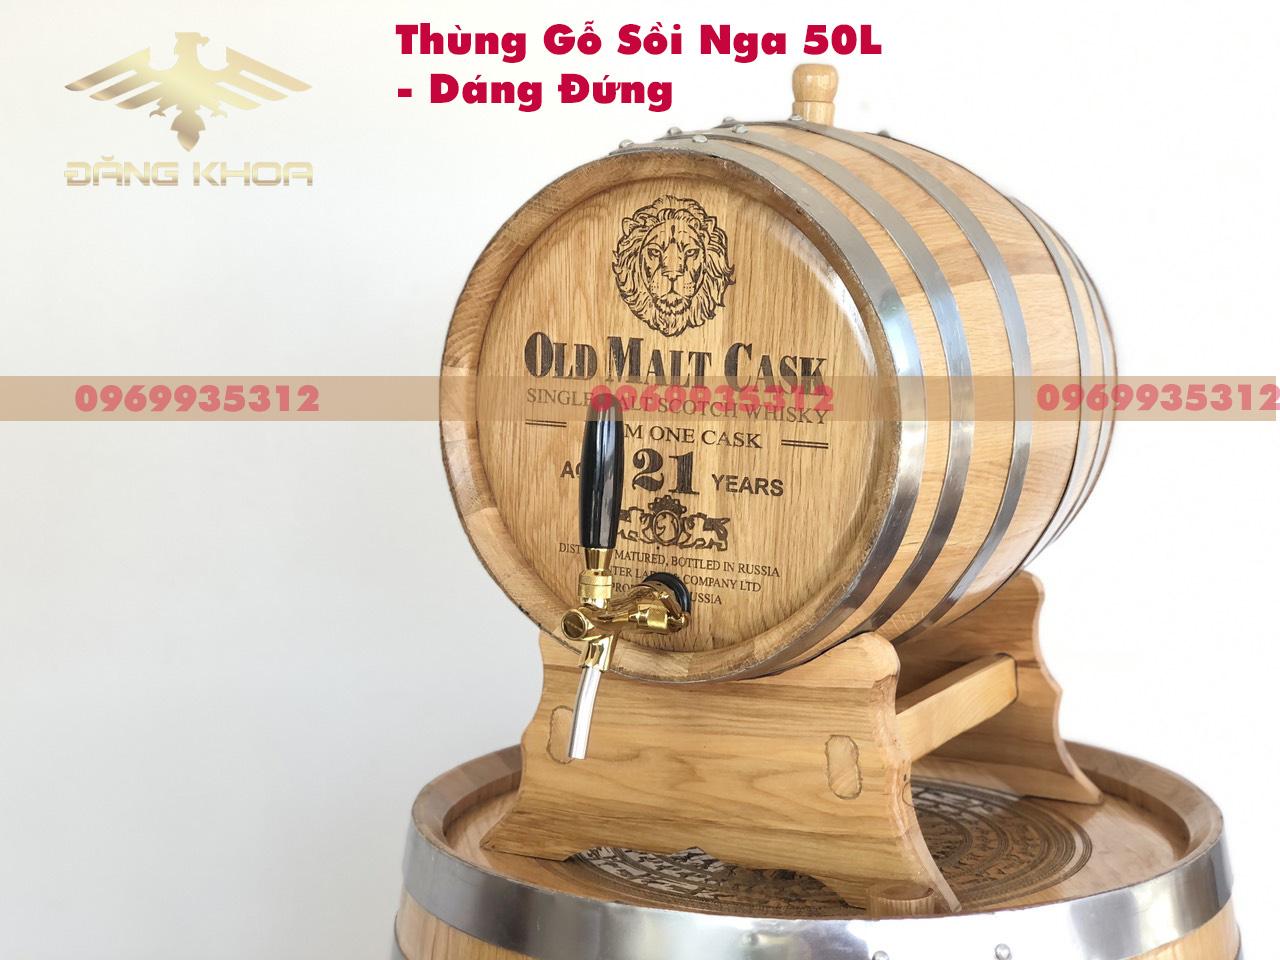 Thùng gỗ sồi nga 50l